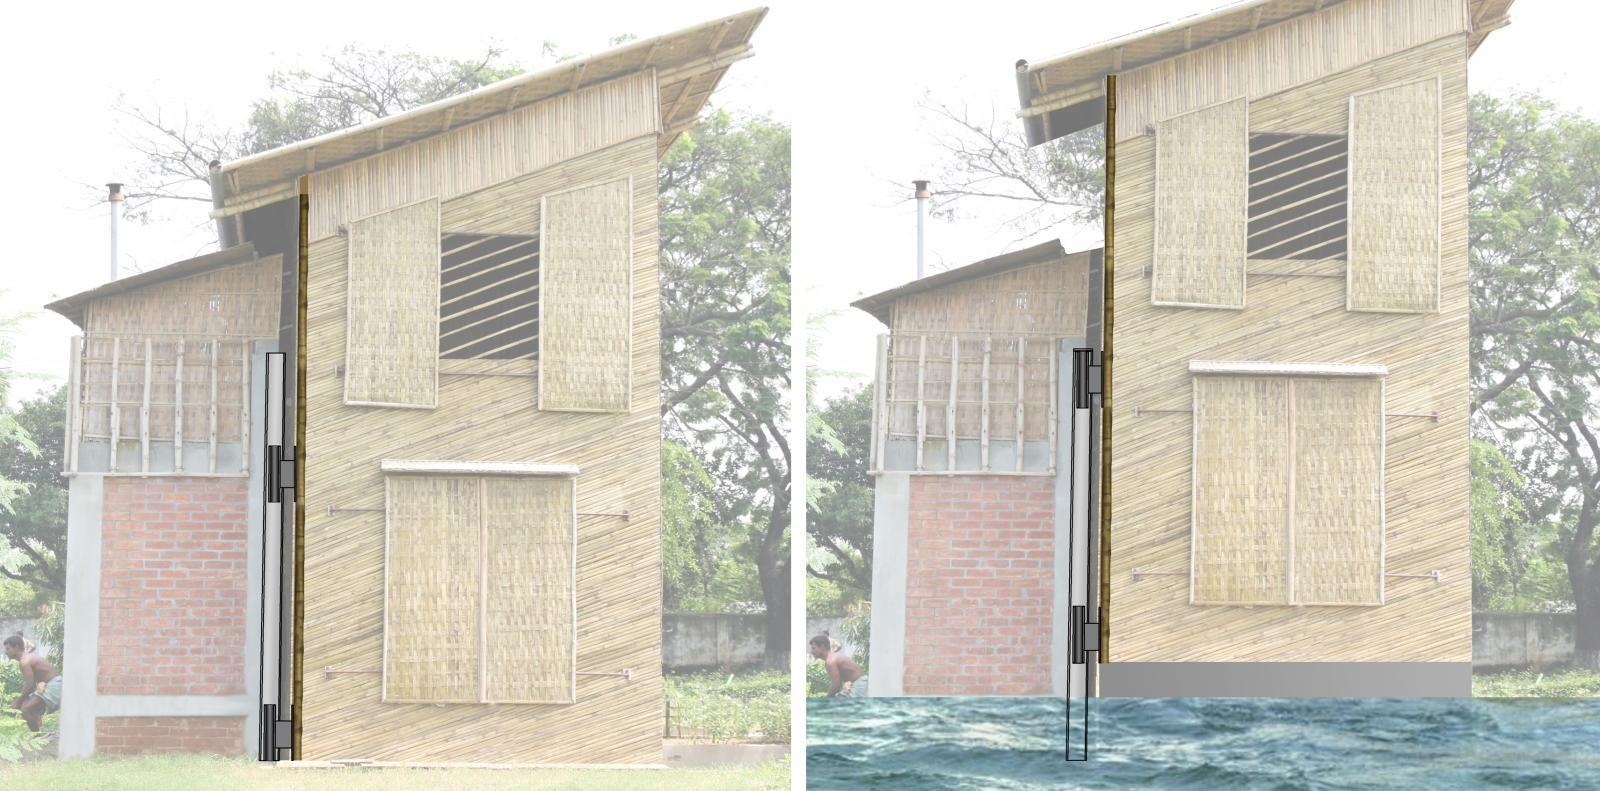 Casa de Bambú en Bangladesh flota con el aumento del nivel del agua para enfrentar inundaciones, © Prithula Prosun